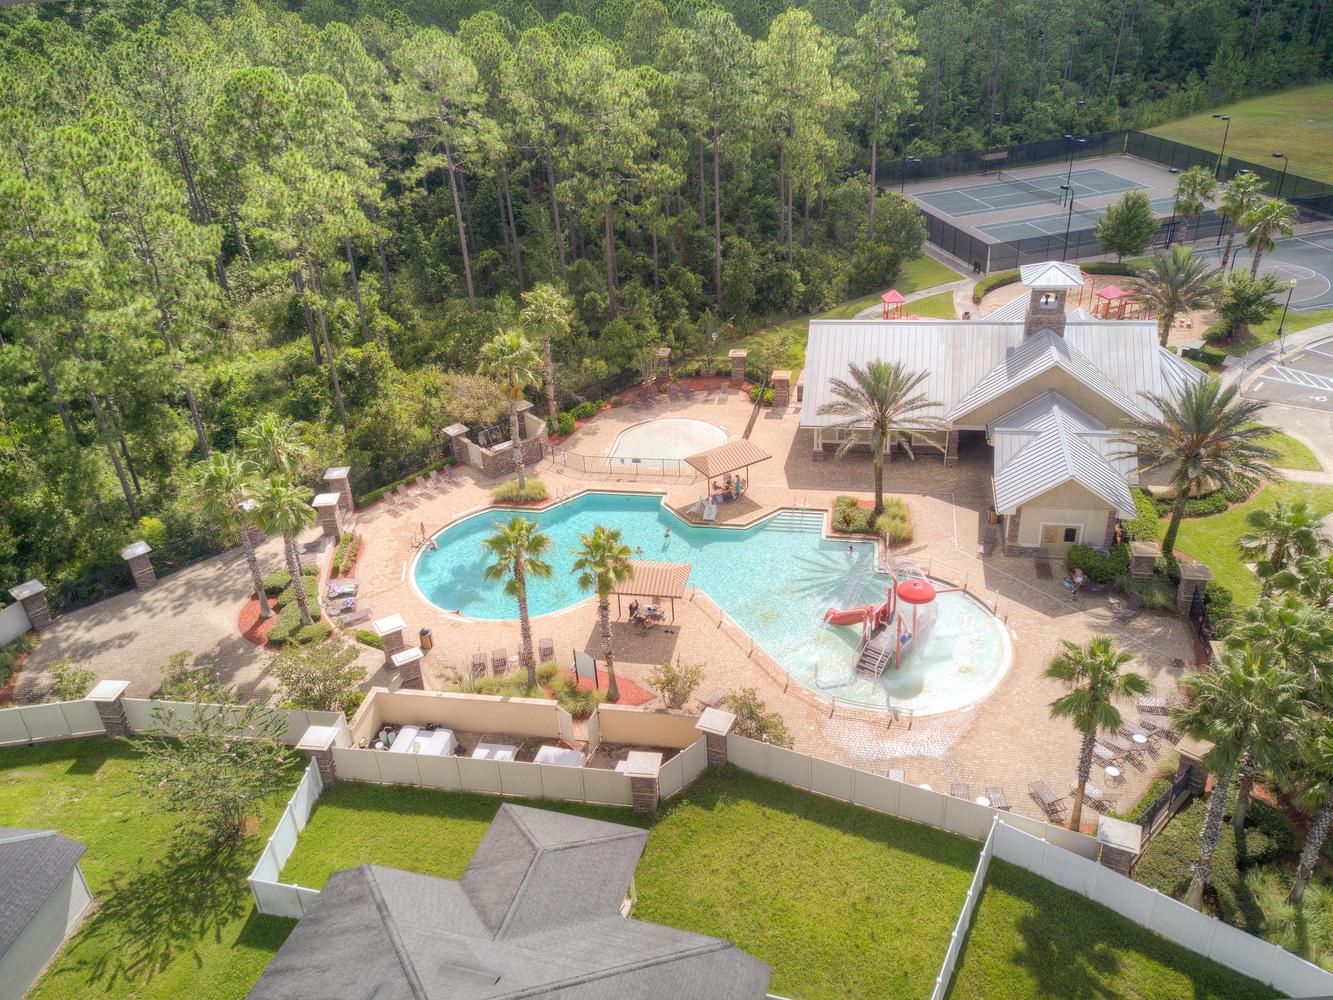 4086 Sandhill Crane Terrace-large-001-2-DJI 0037 38 39 40 41-1334x1000-72dpi.jpg